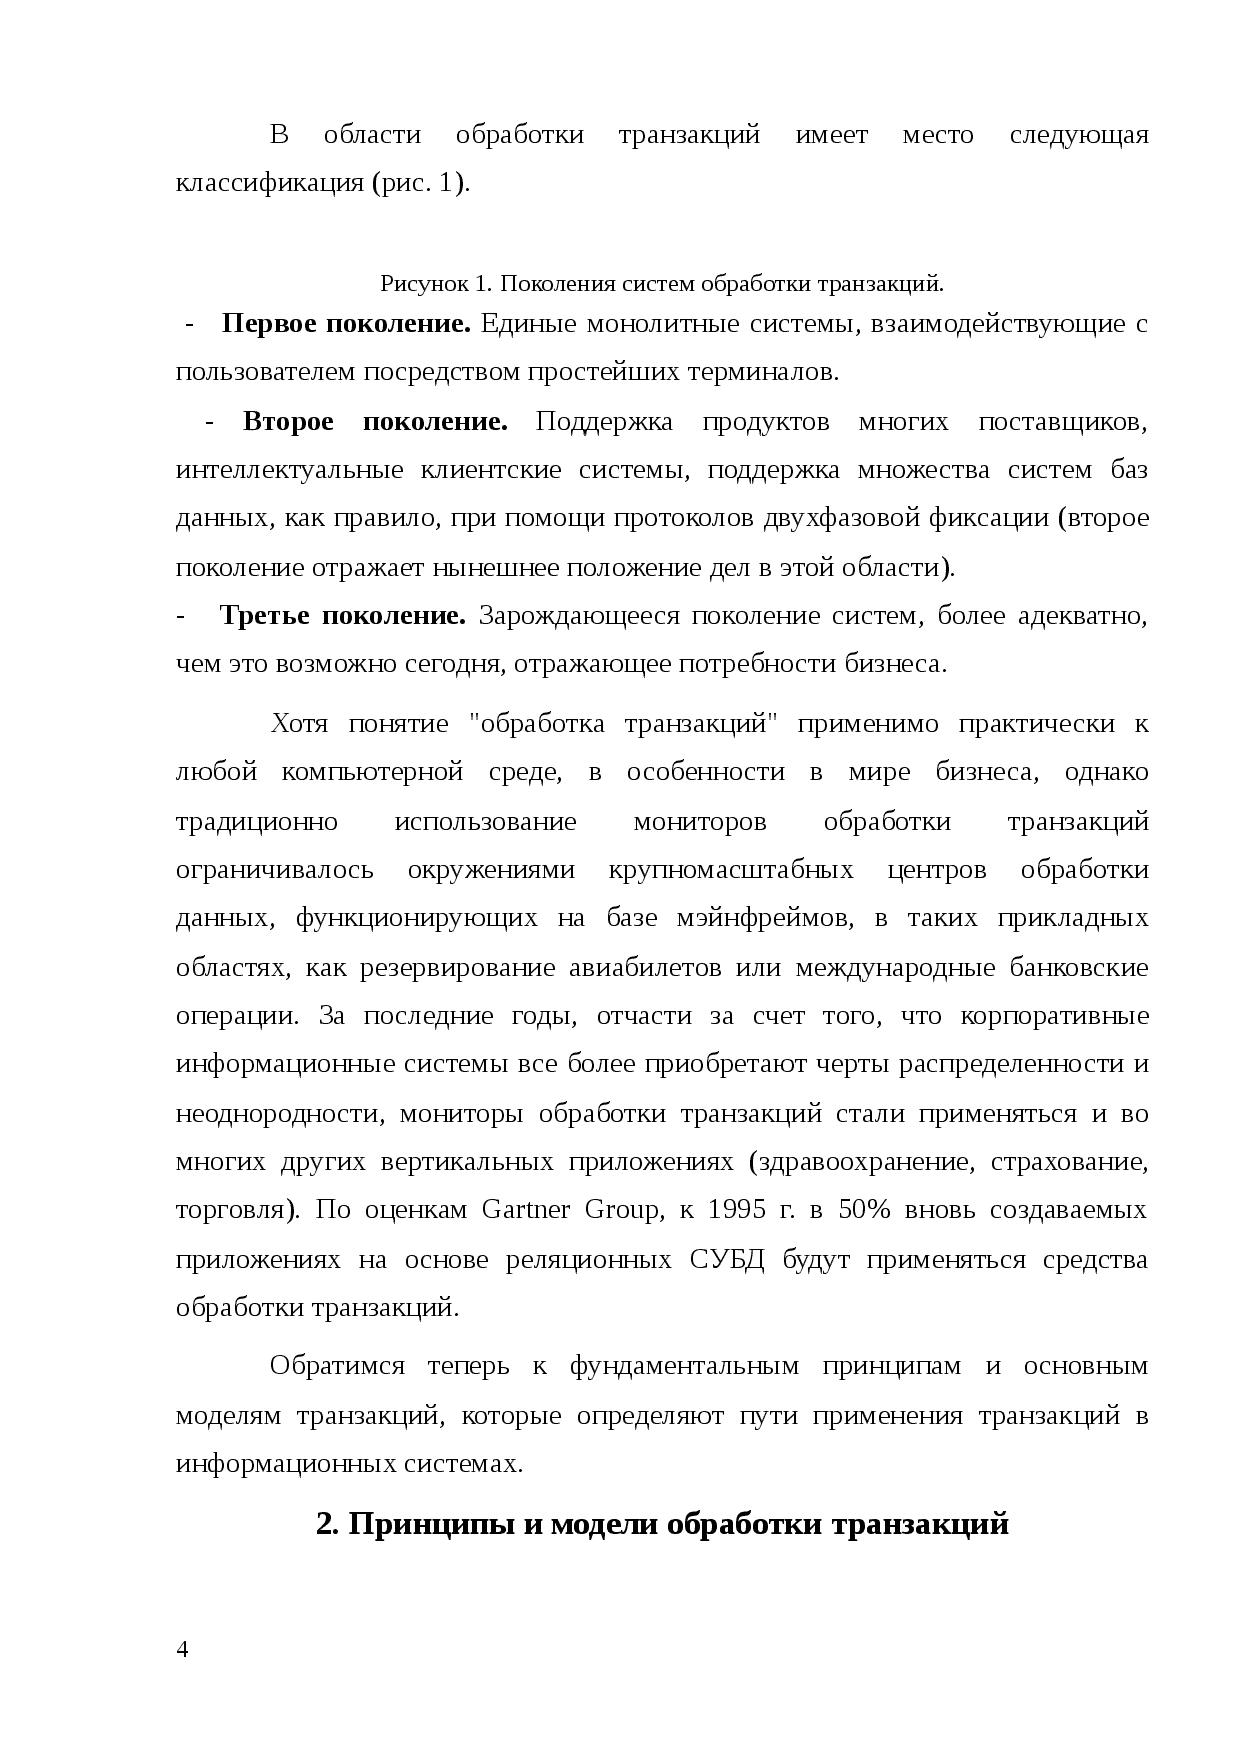 Реляционная модель данных — национальная библиотека им. н. э. баумана